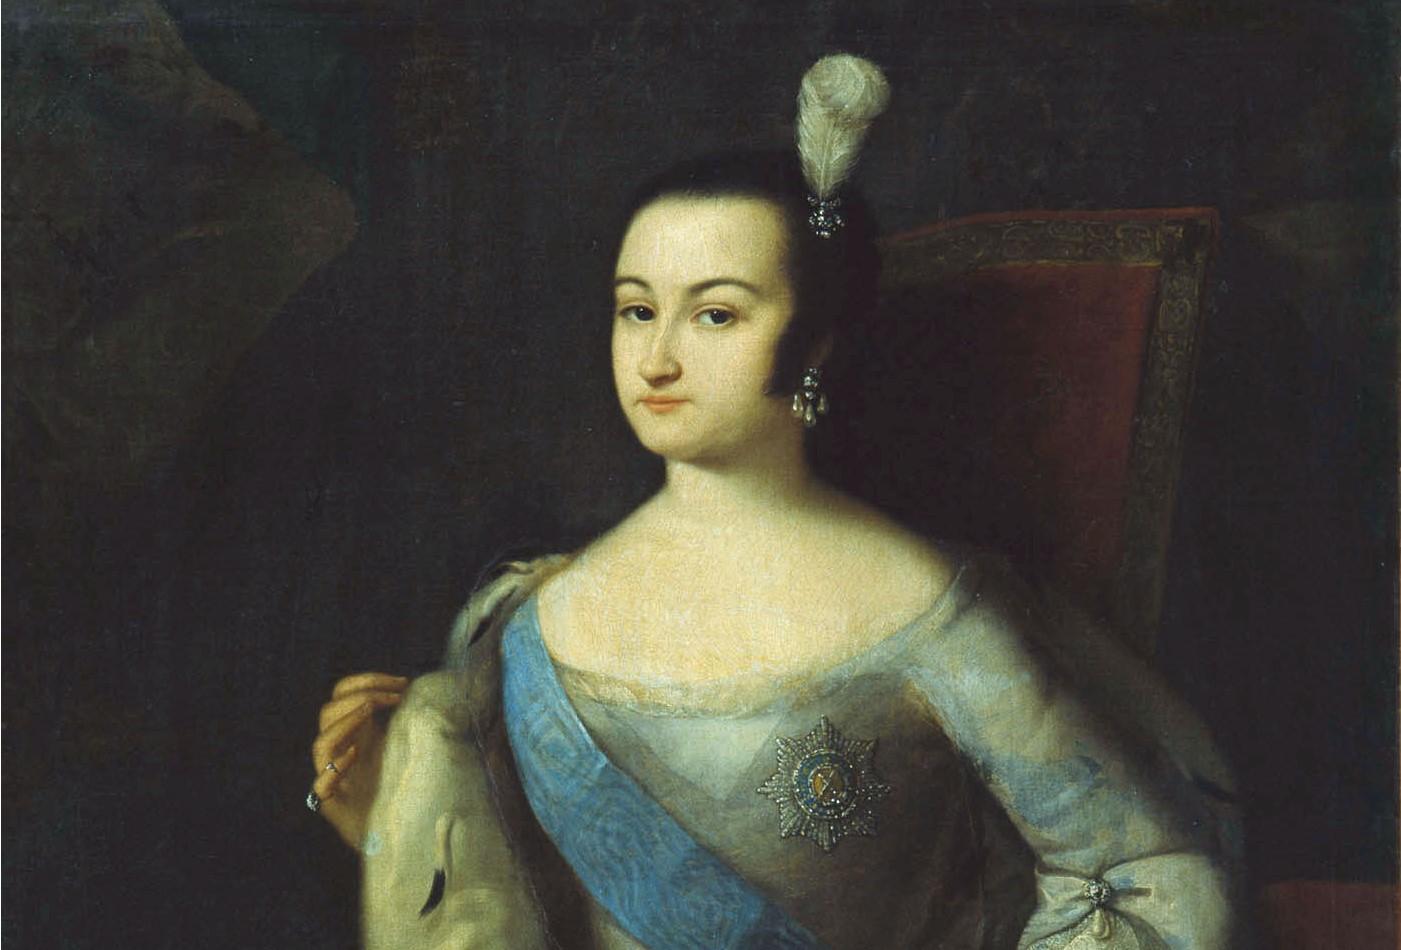 La reggente dell'Impero russo: Anna Leopoldovna